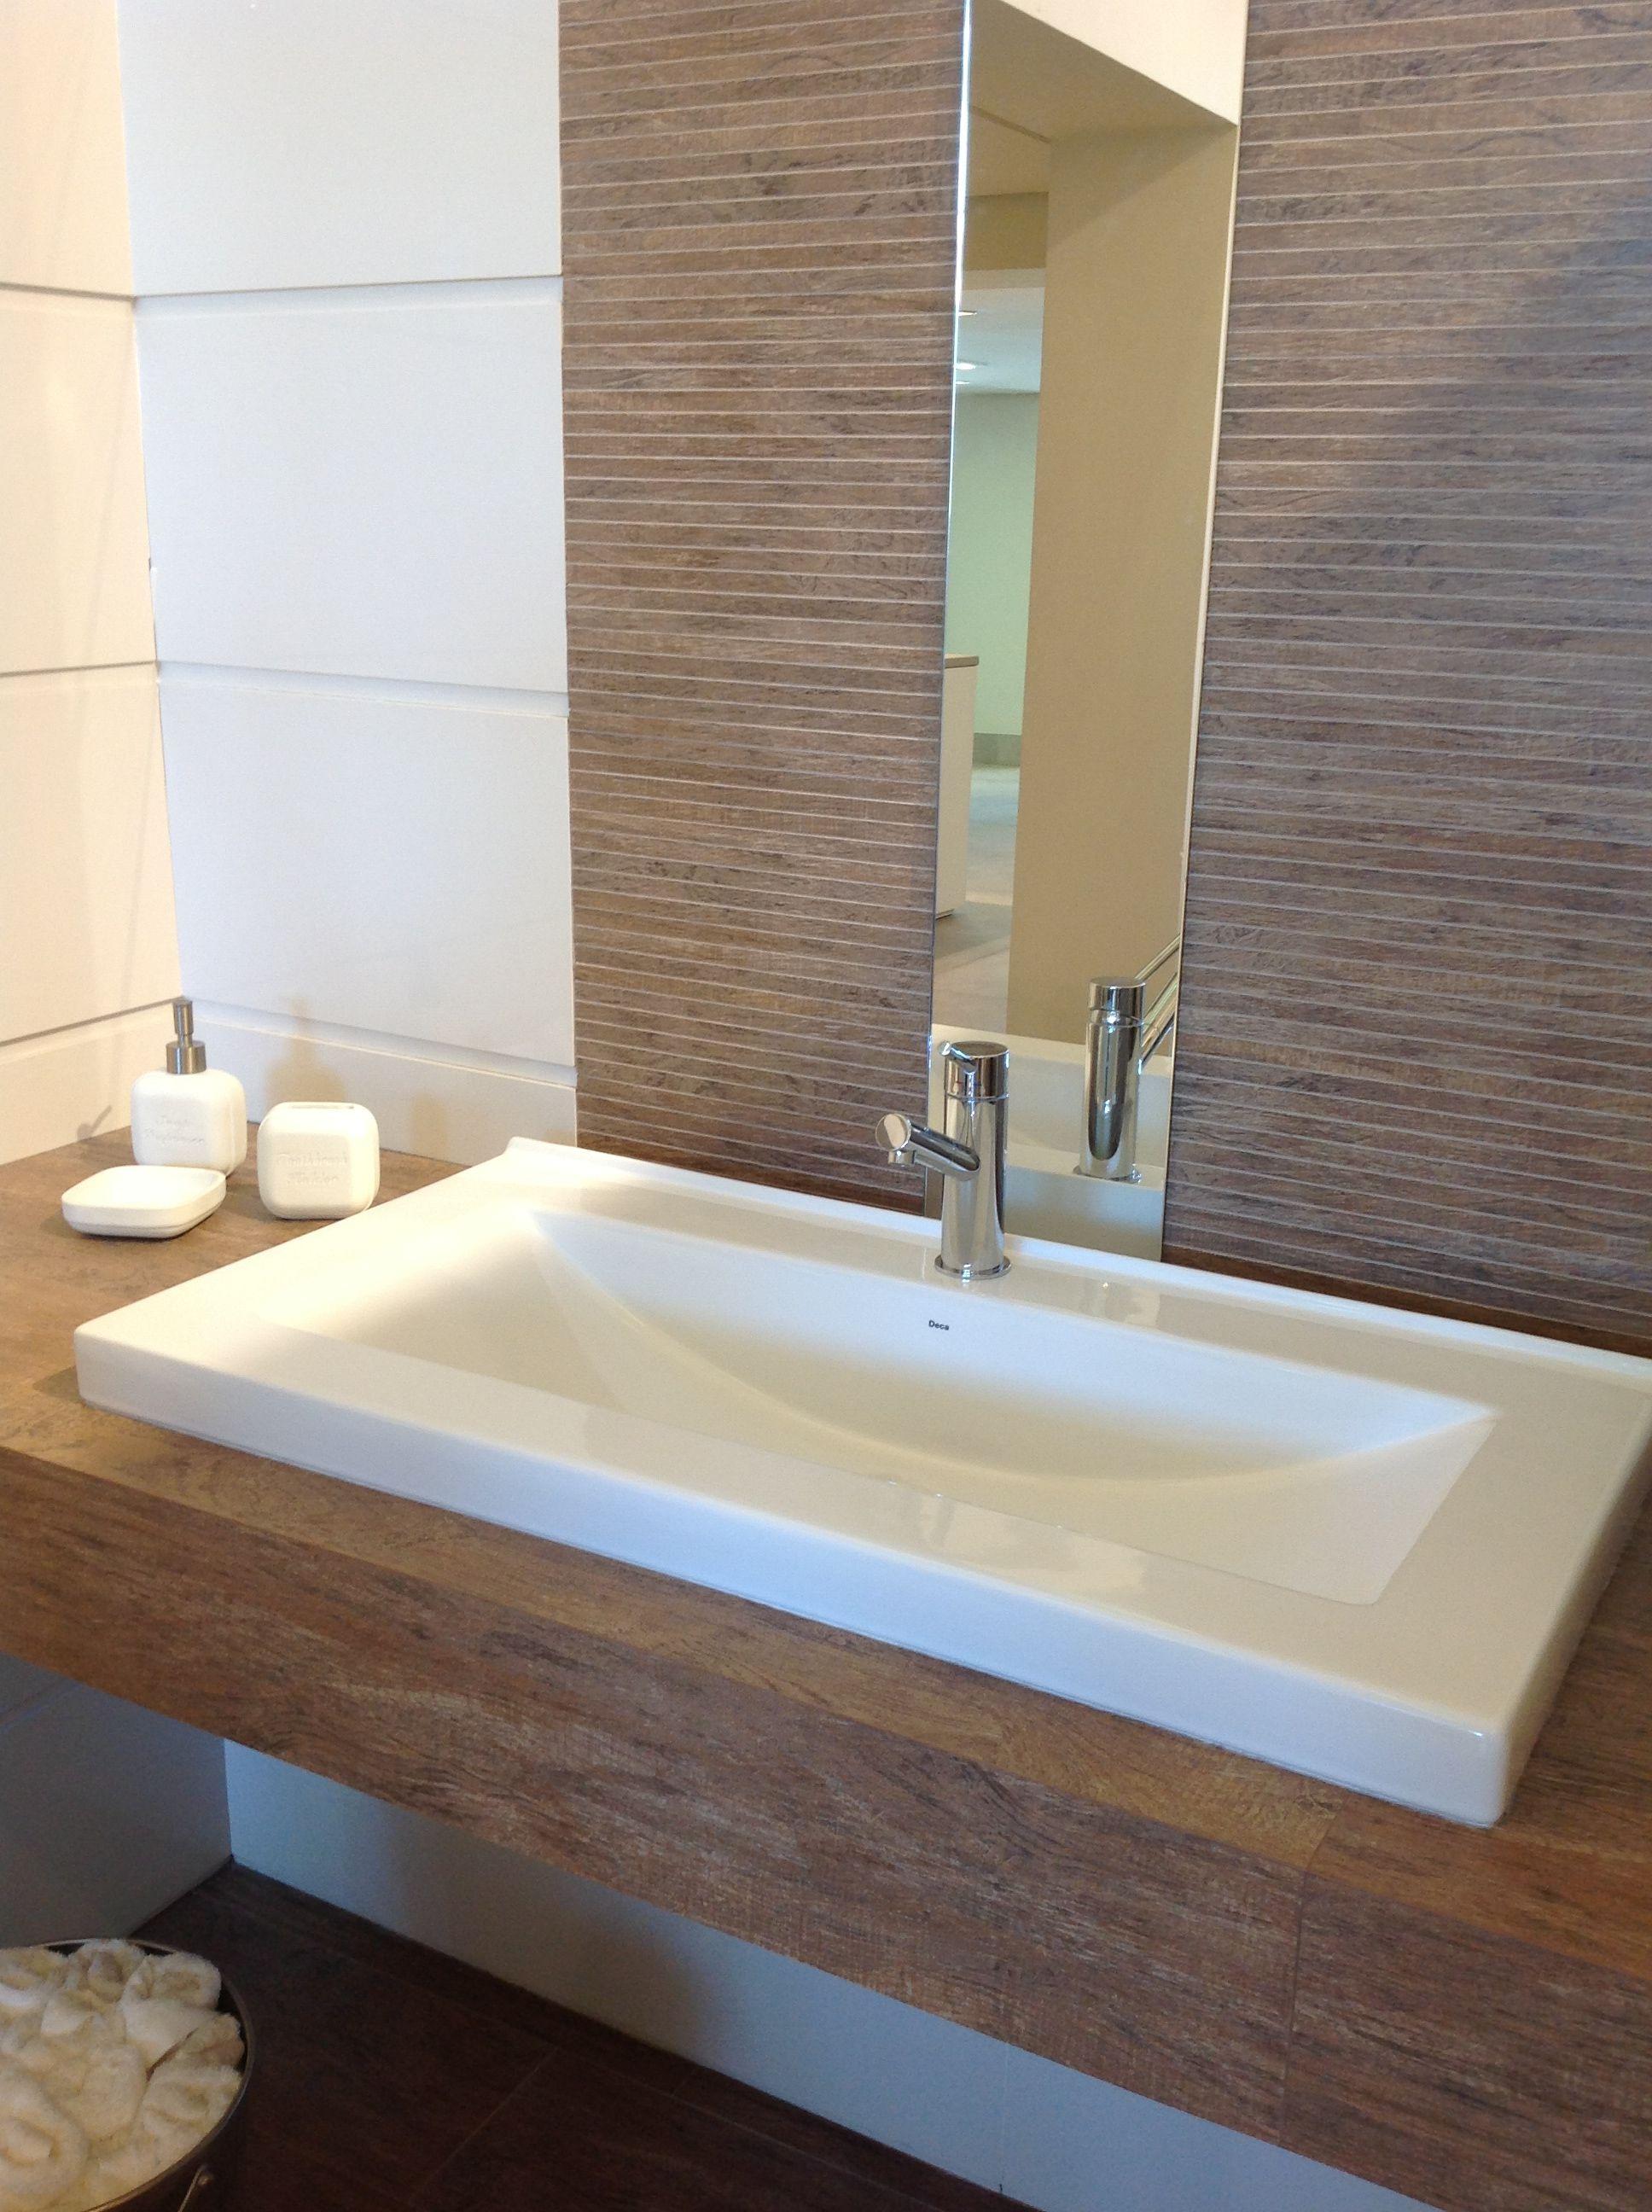 bancada em porcelanato imitando madeira Referências para o lavabo  #3D628E 1936x2592 Banheiro C Porcelanato